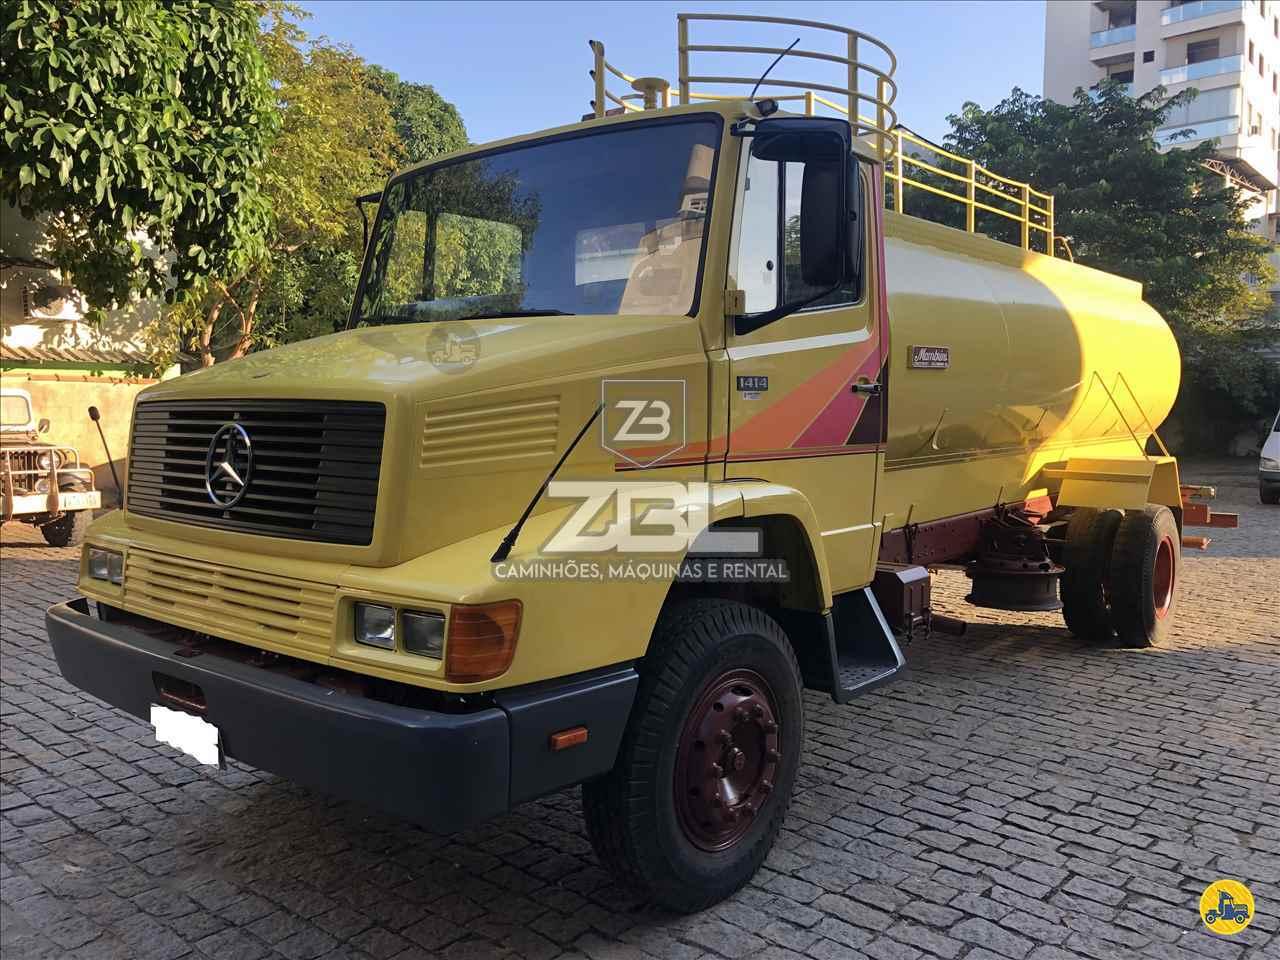 CAMINHAO MERCEDES-BENZ MB 1414 Tanque Pipa Toco 4x2 ZBL Caminhões CASTELO ESPÍRITO SANTO ES